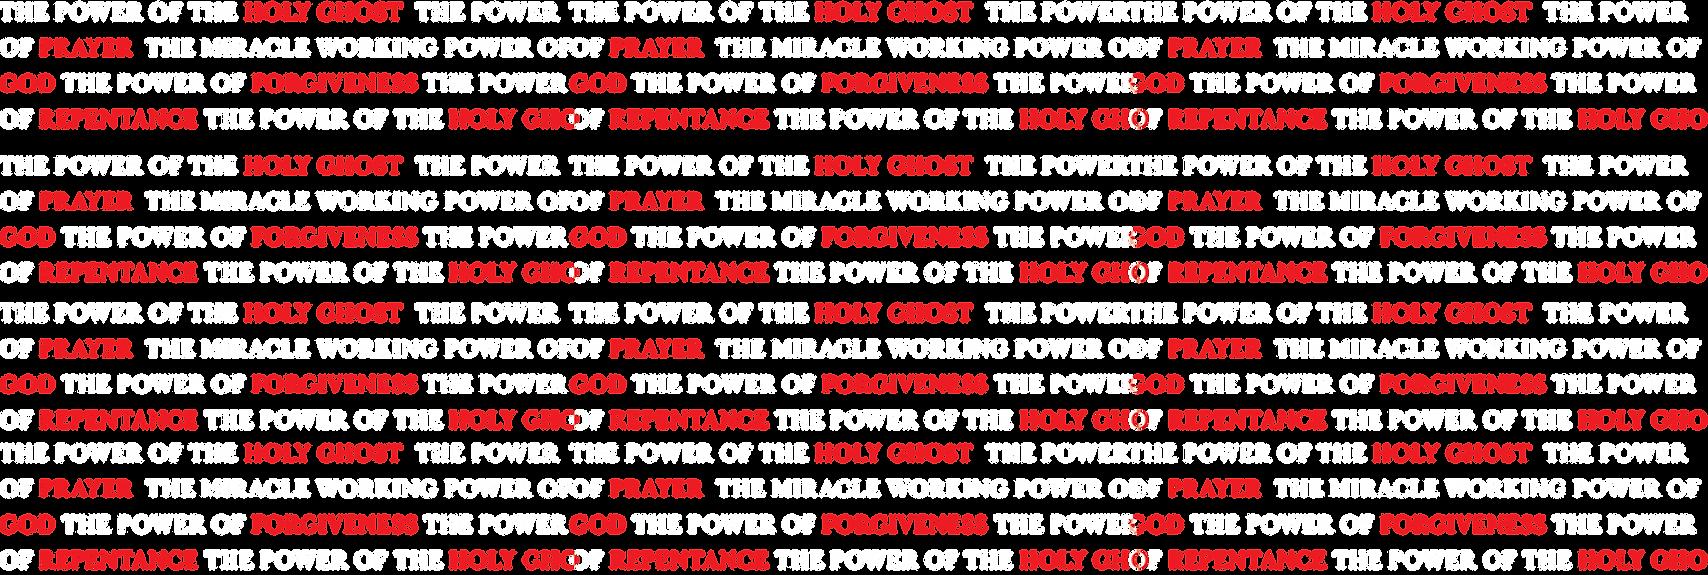 HH_POWERWORDS_1.png